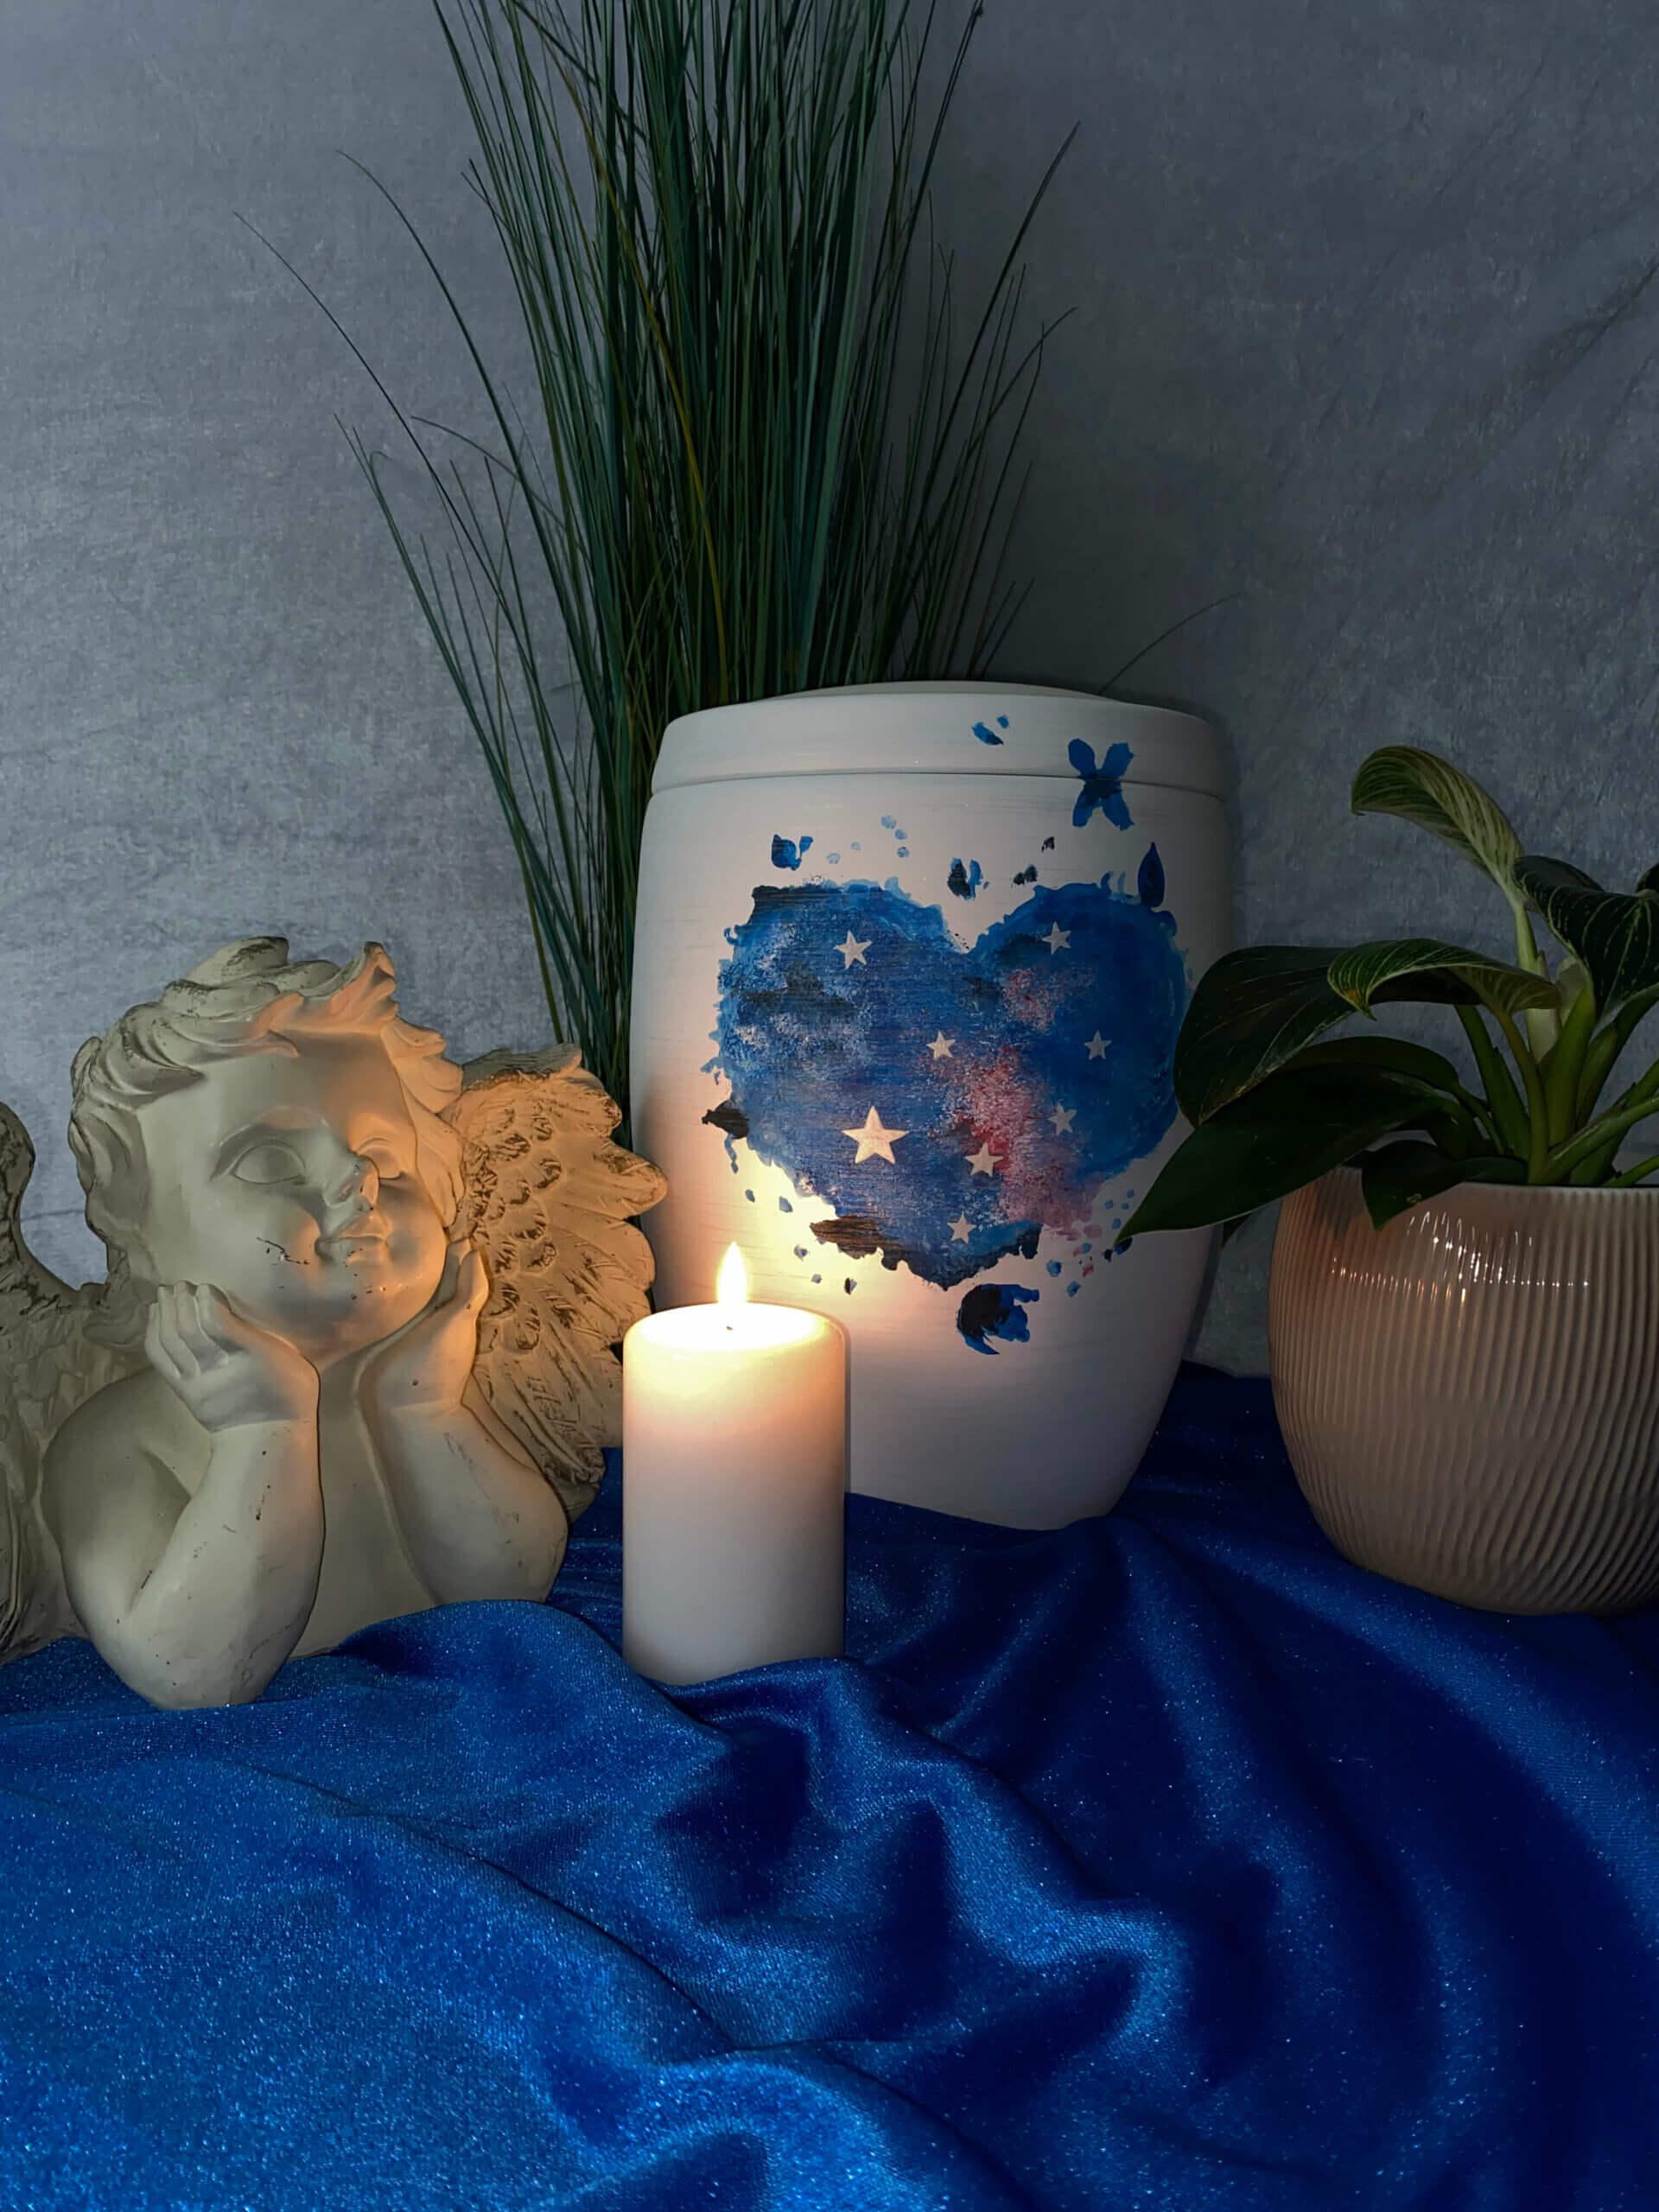 Runde weiße Urne mit blauem Herz